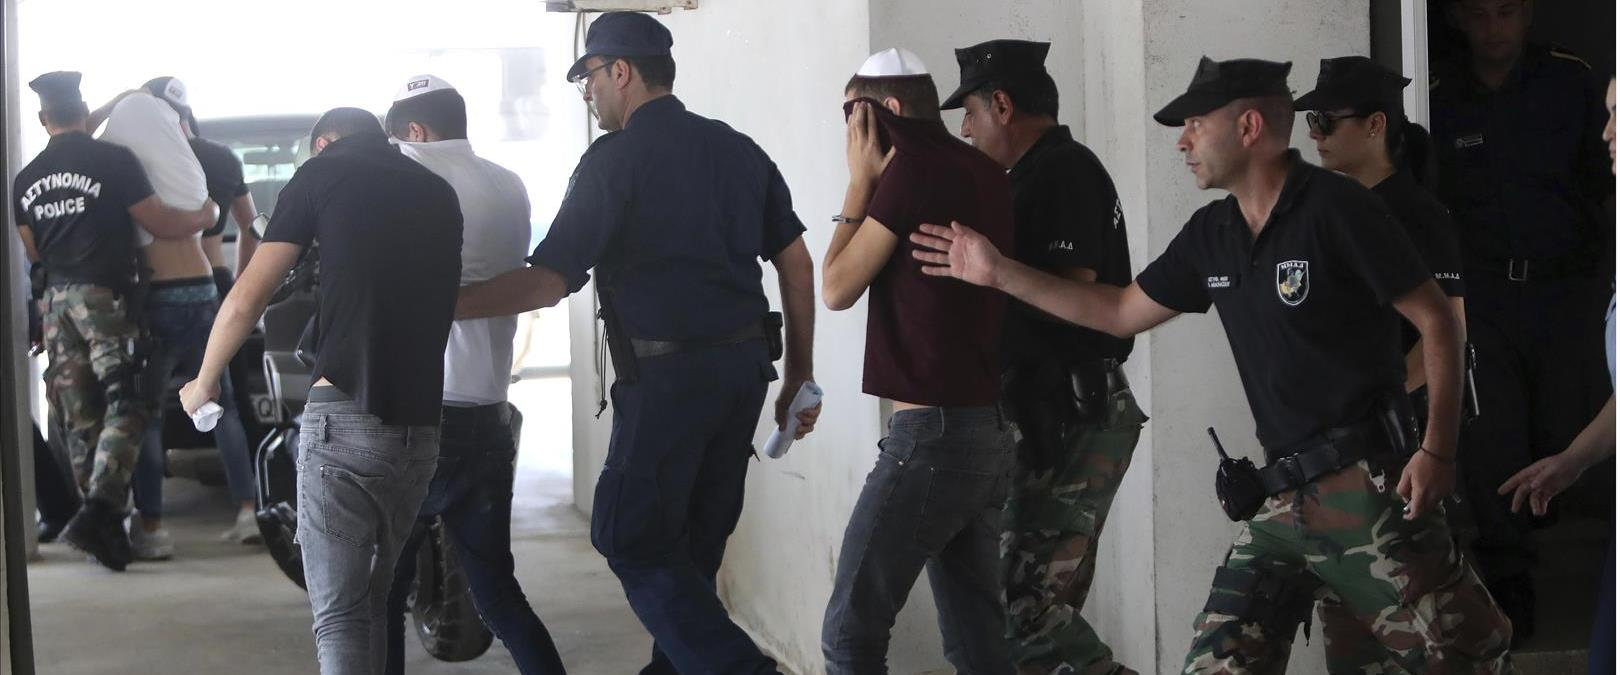 כמה מהחשודים בקפריסין, בשבוע שעבר